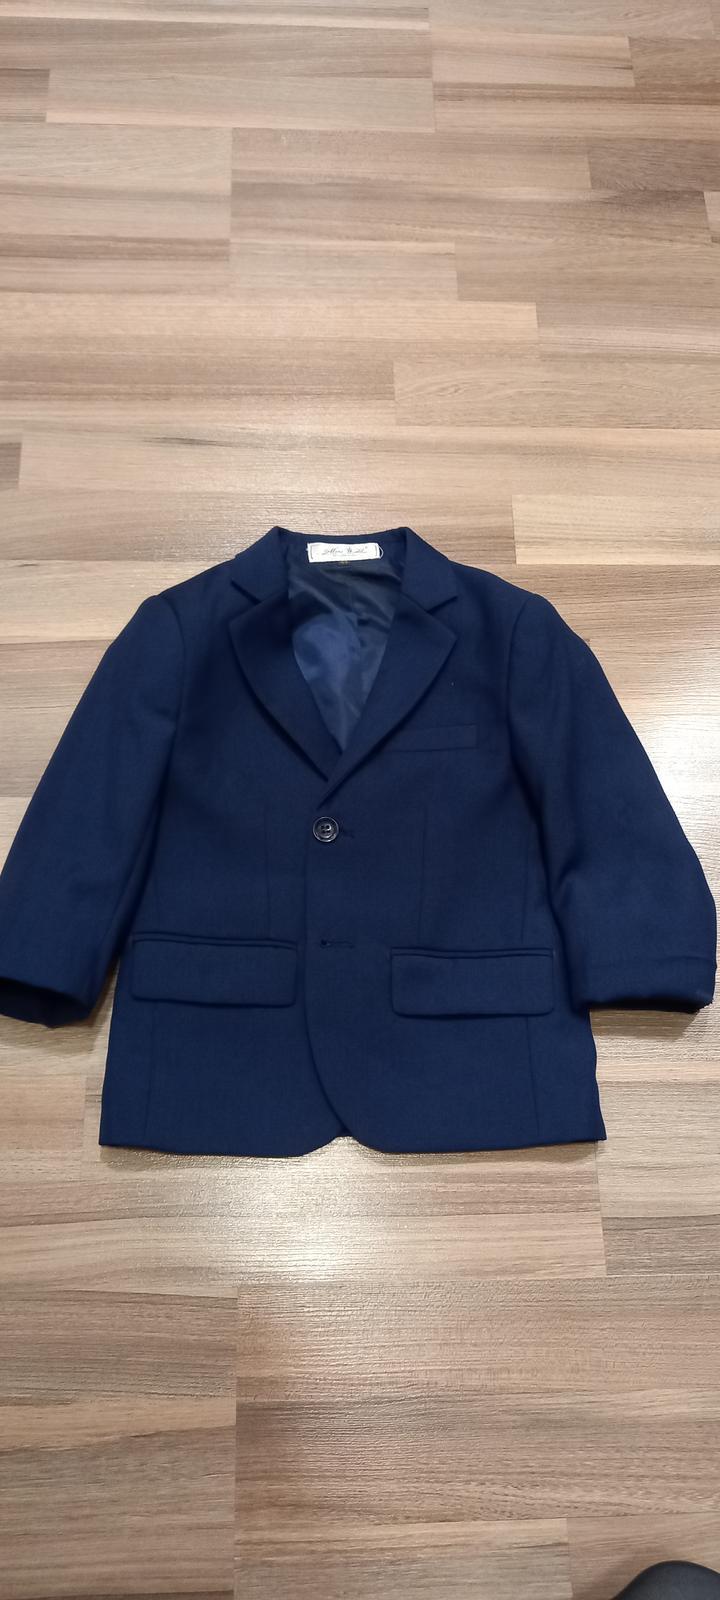 Oblek s vestičkou - Obrázek č. 1